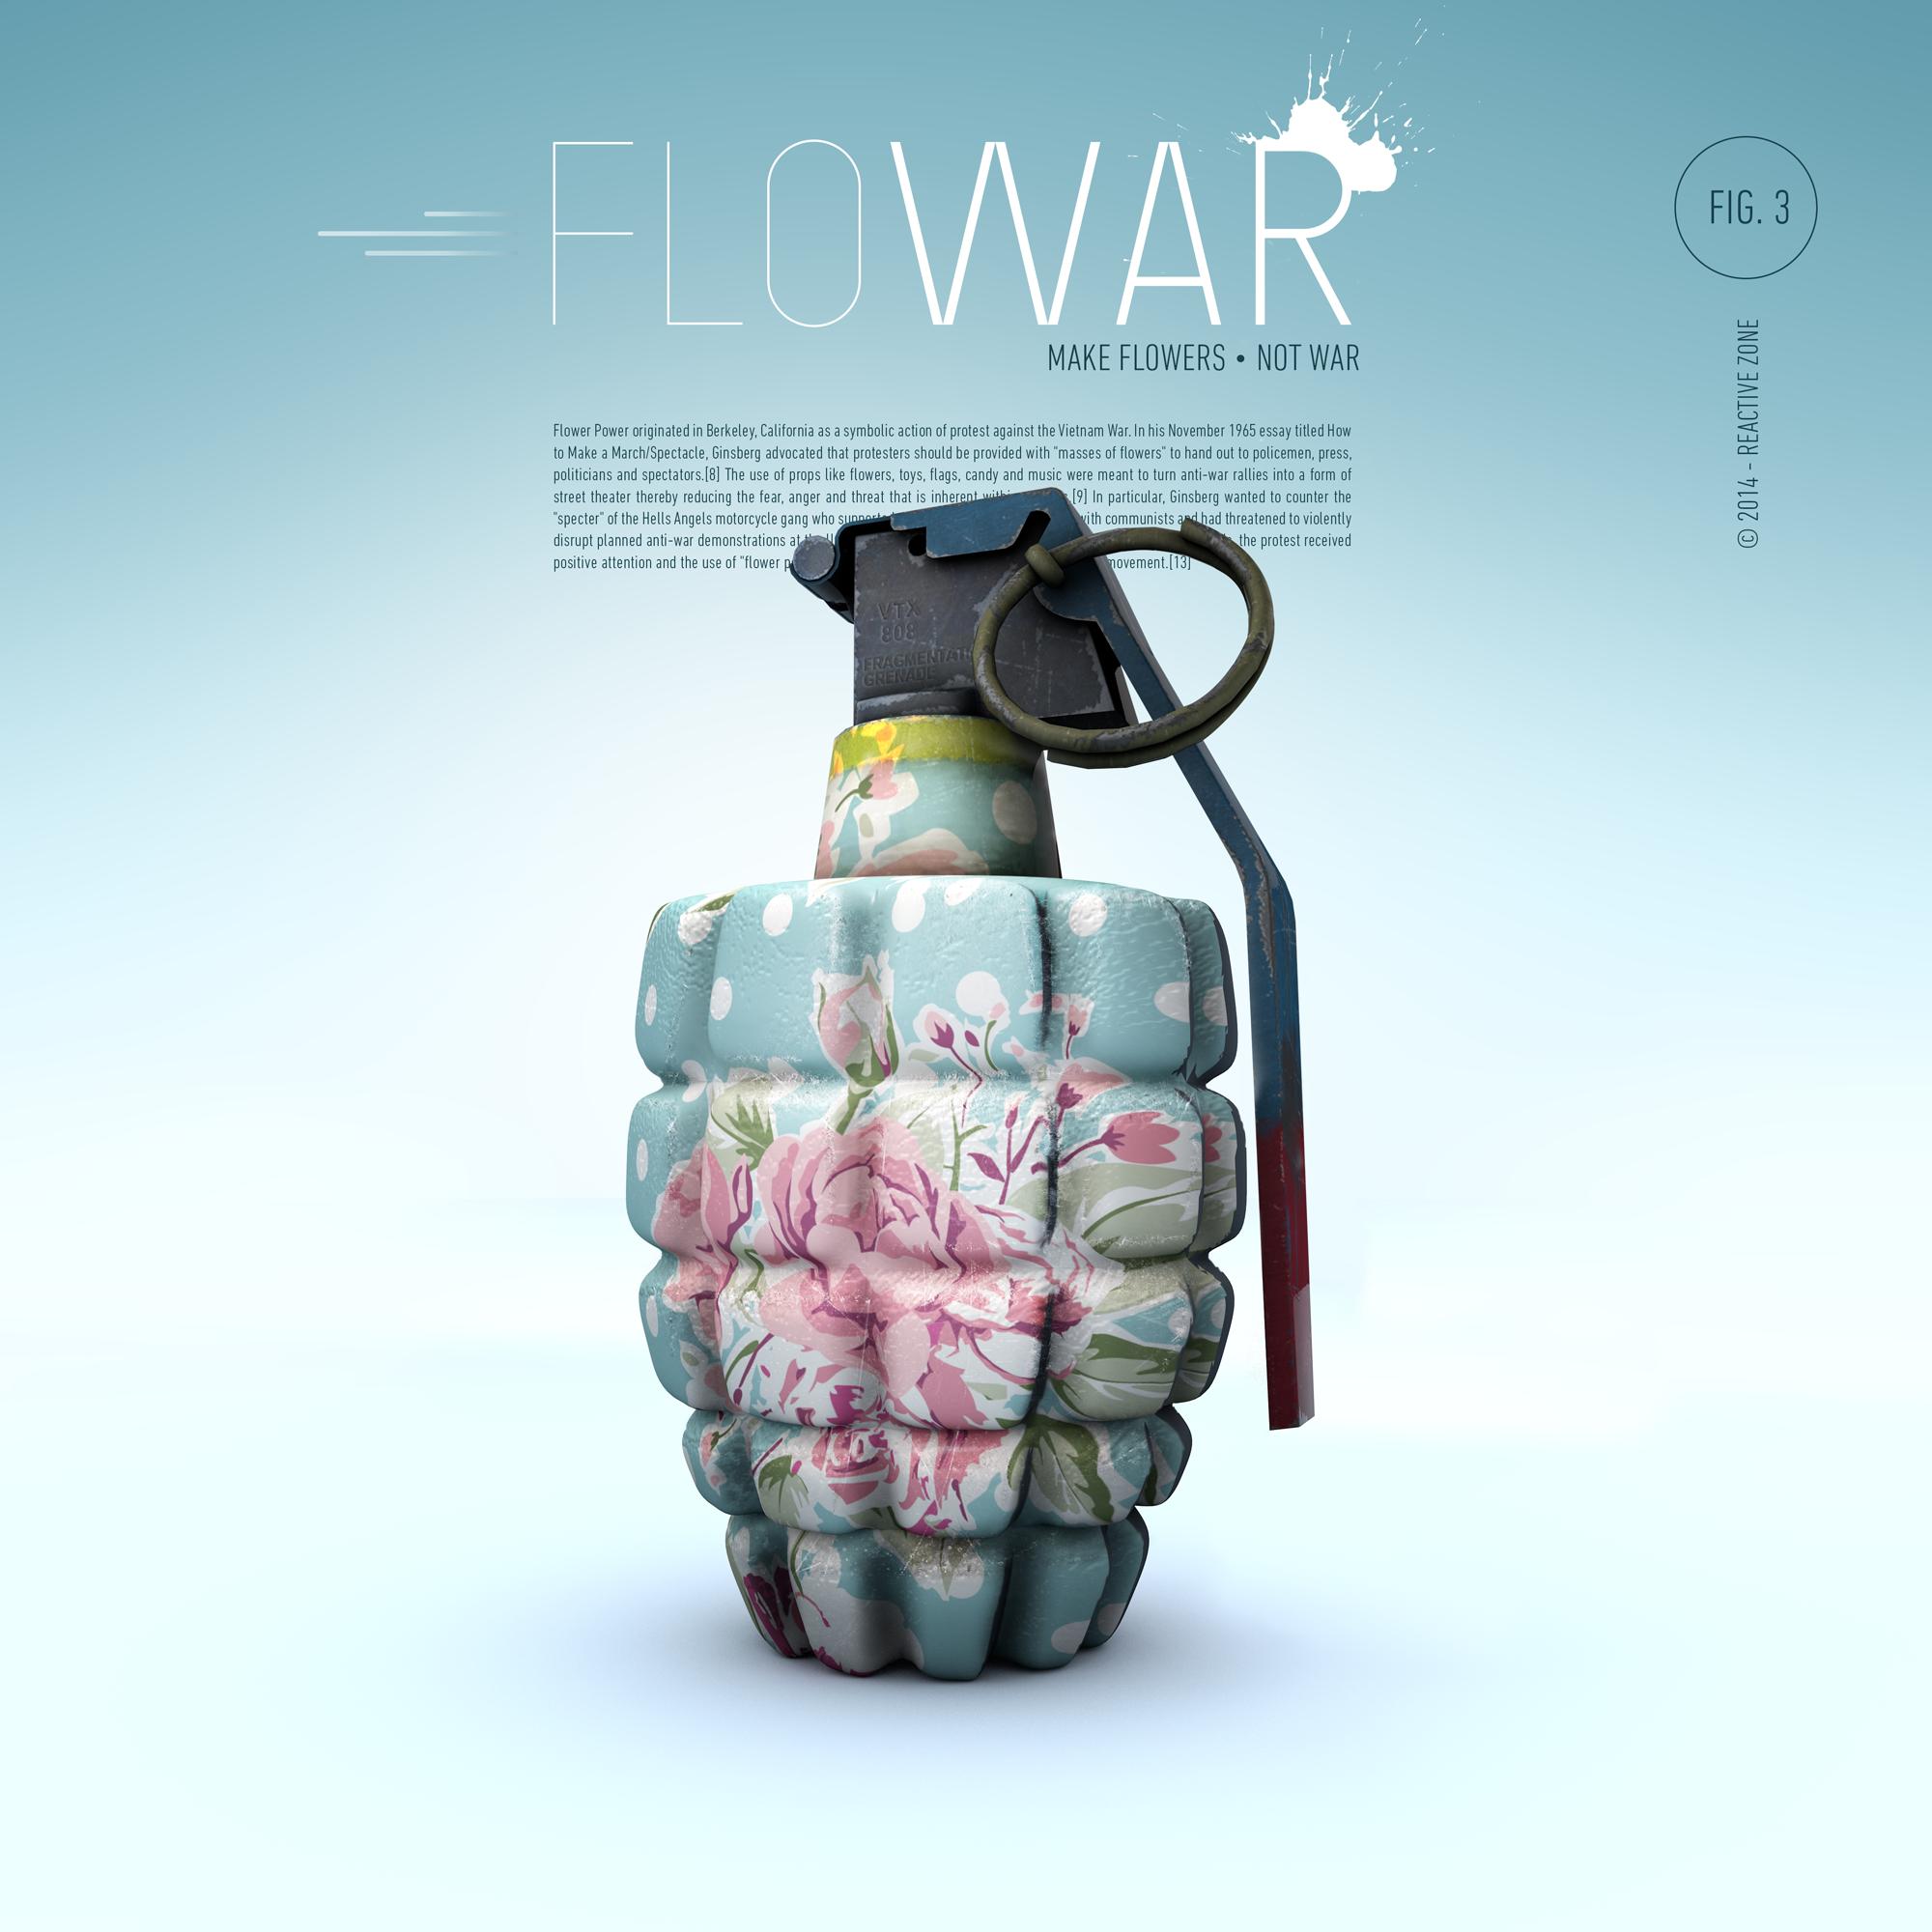 Flower-Power-Master-01